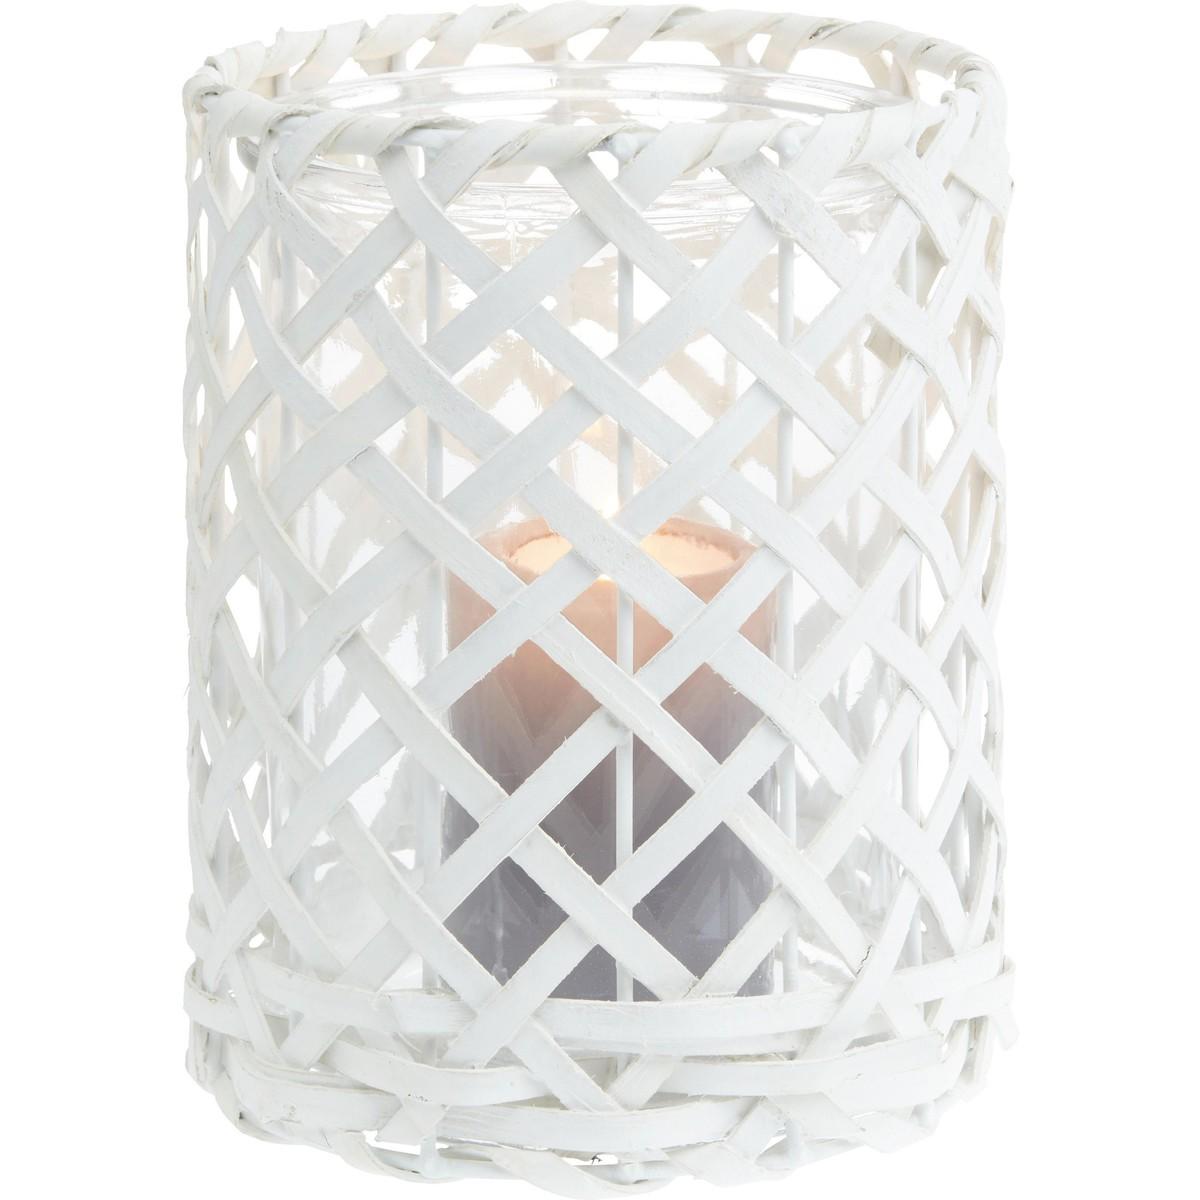 Bild 2 von Windlicht Antonia in Weiß aus Glas/holz